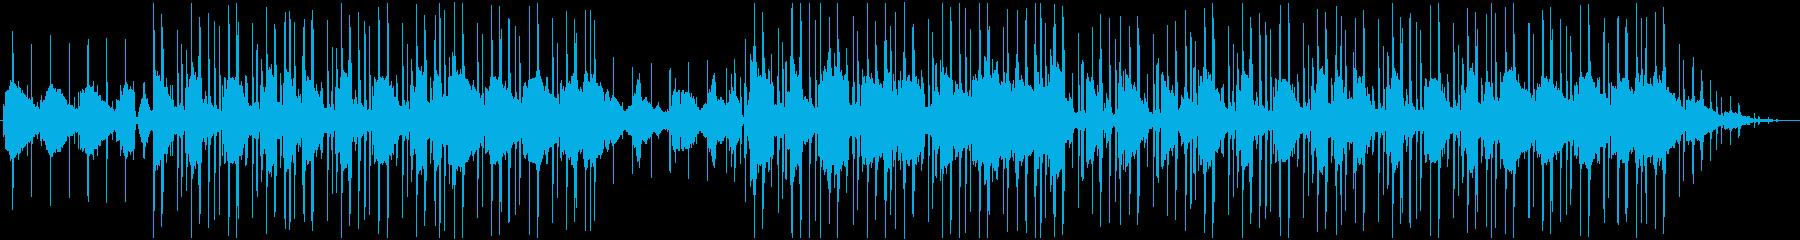 ジャジーなChillヒップホップの再生済みの波形